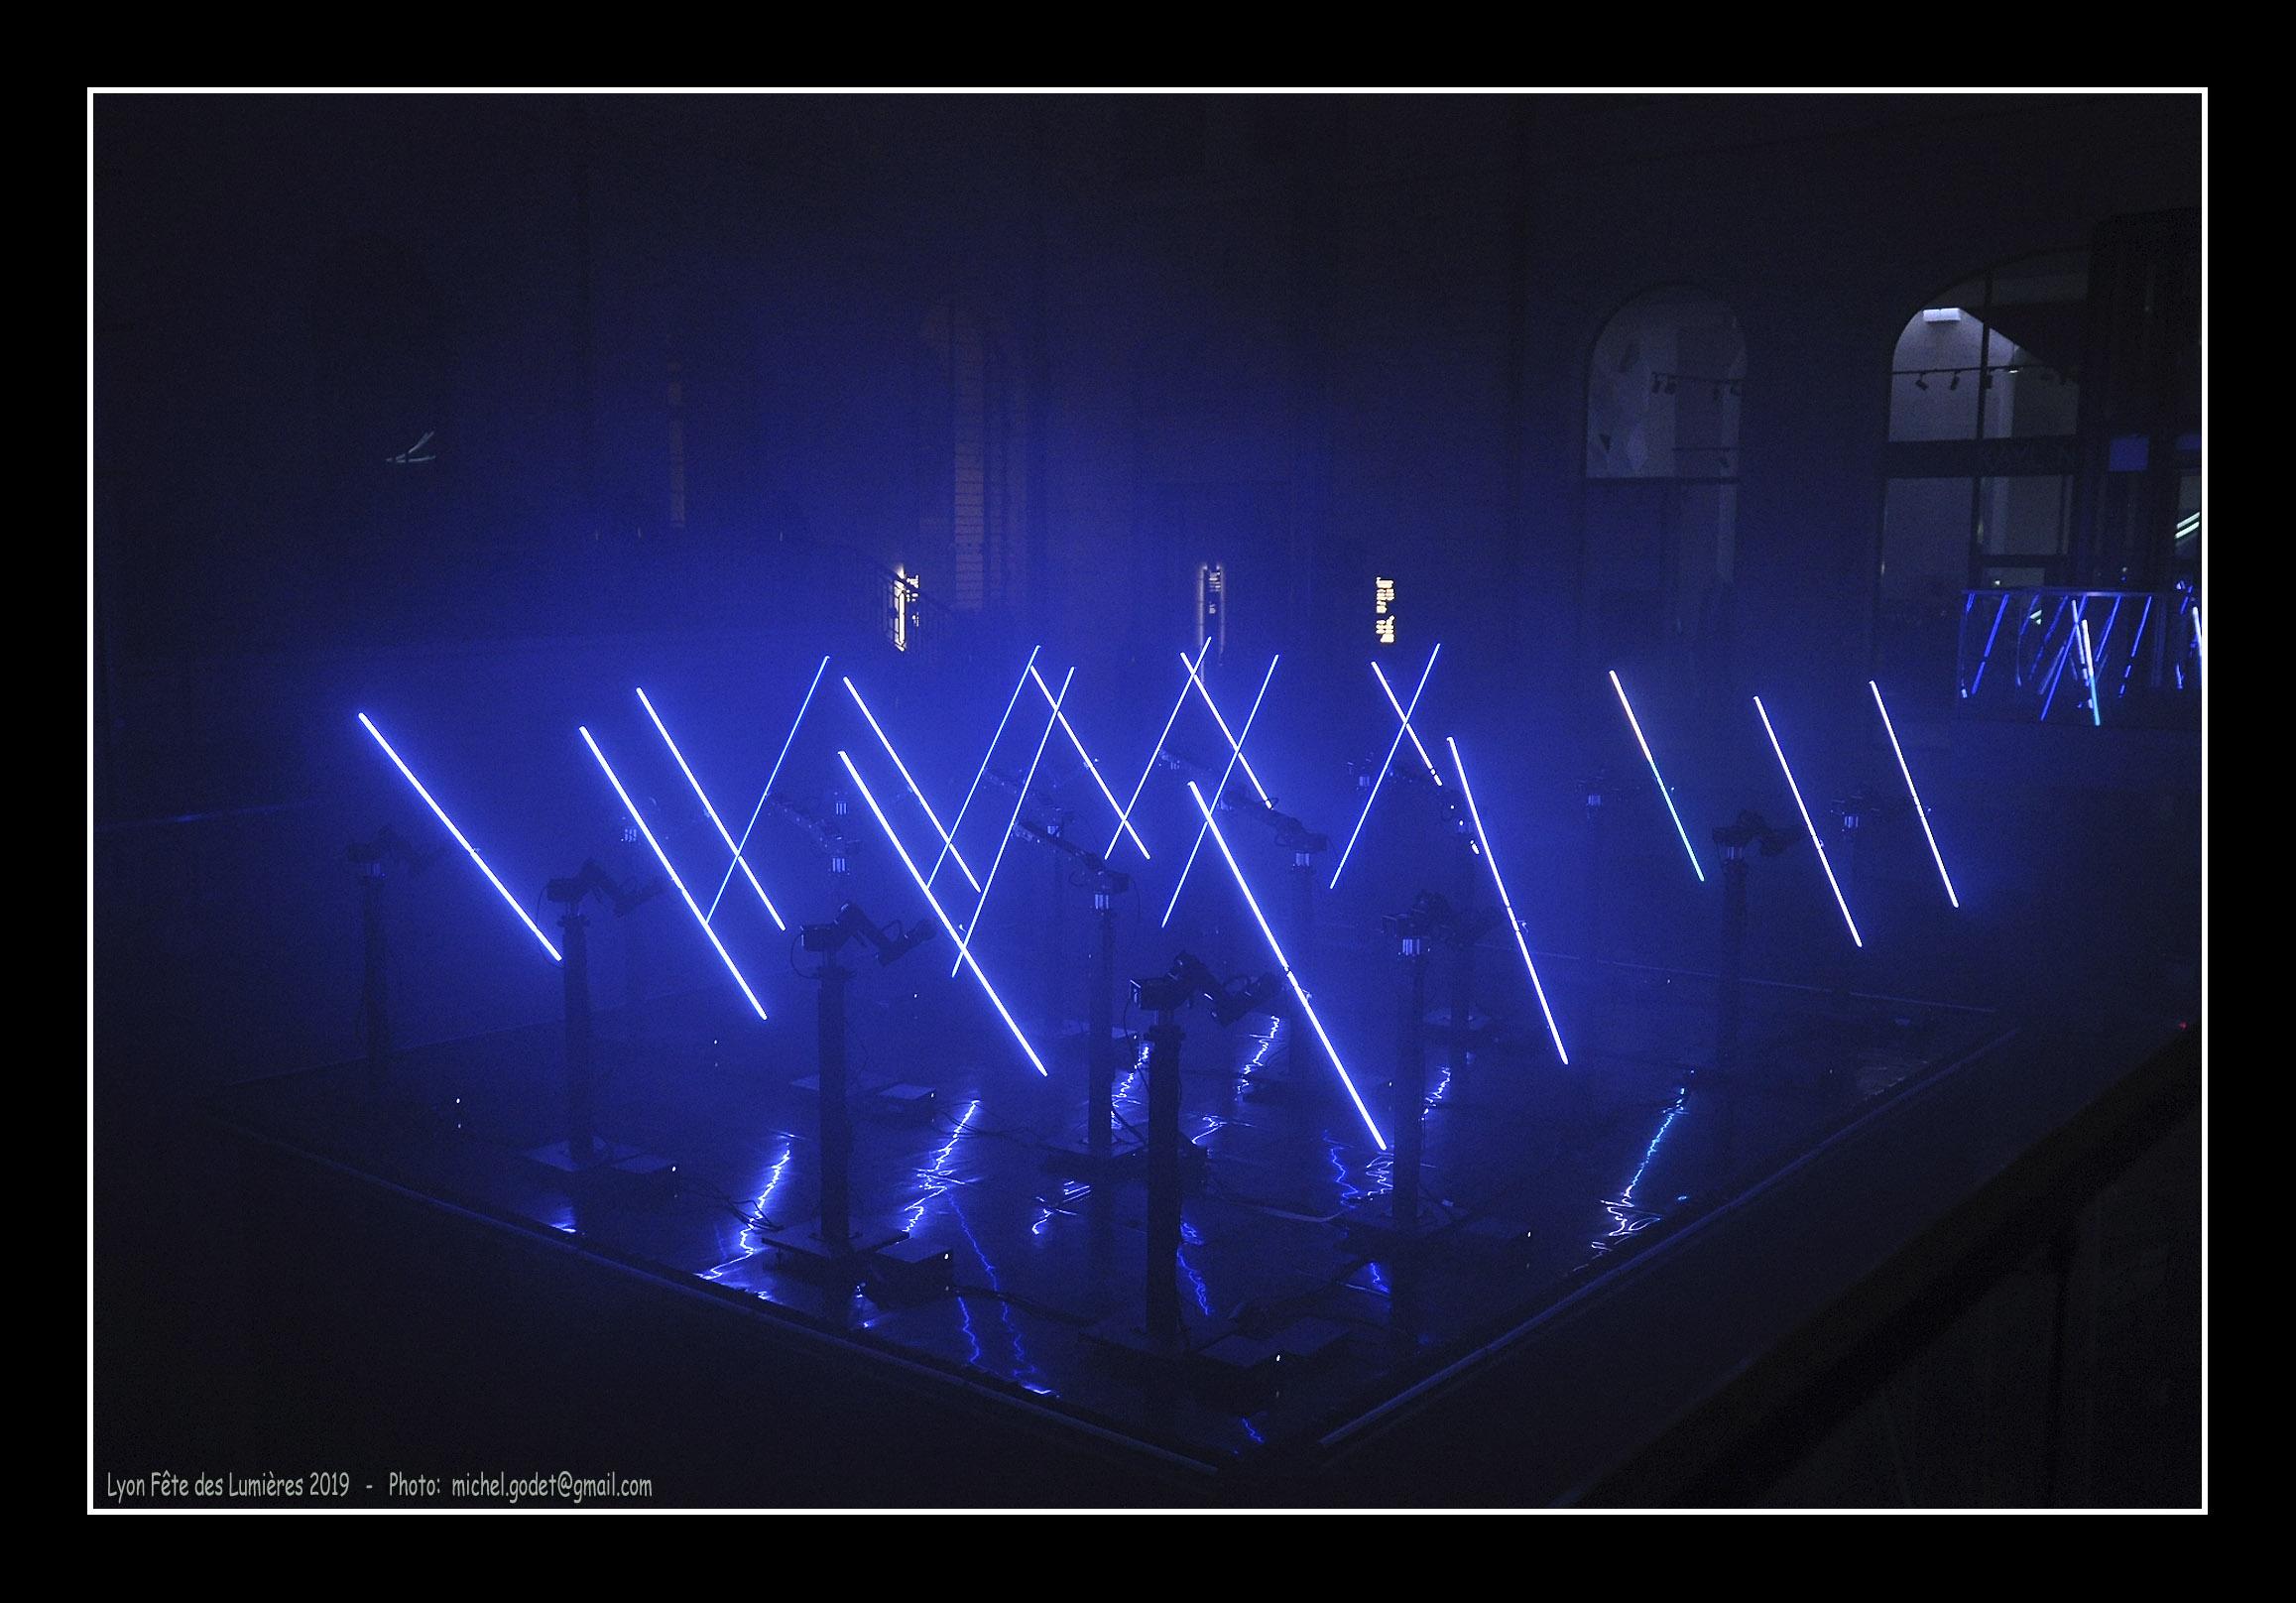 Lyon Fête des Lumières 2019 ©Godet_0097